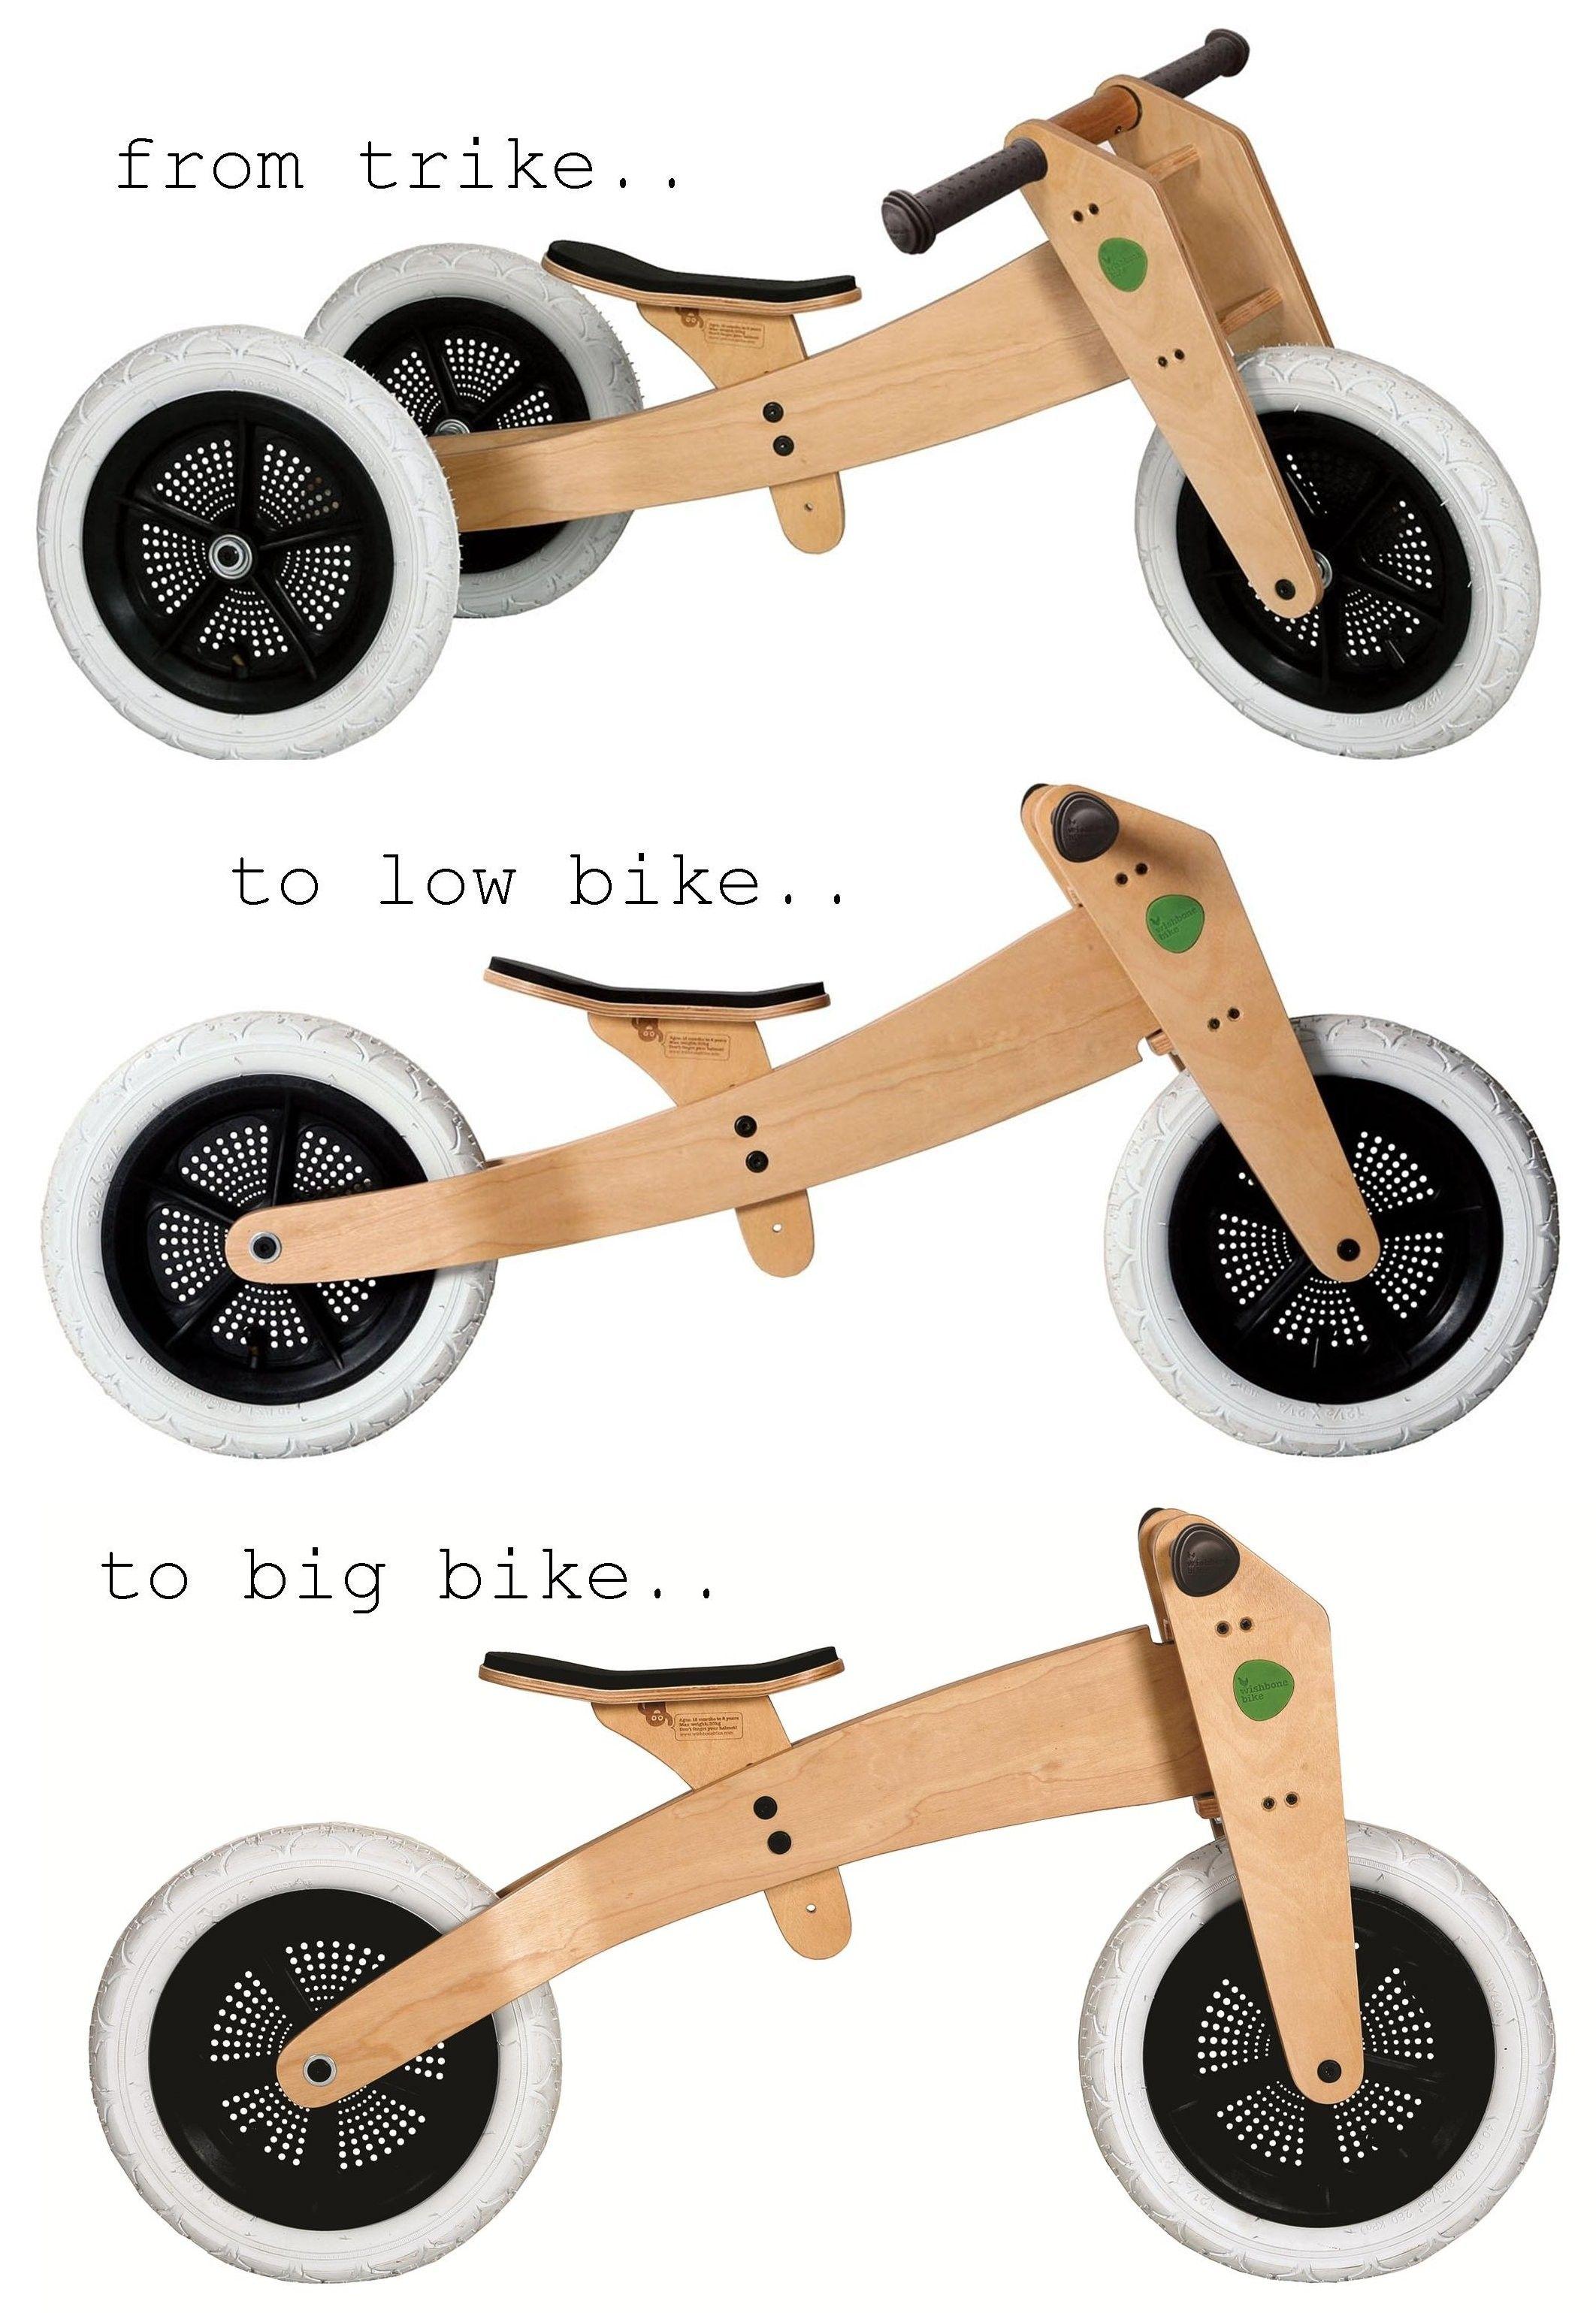 3 In 1 Wishbone Bike From Trike To Low Bike To Big Bike